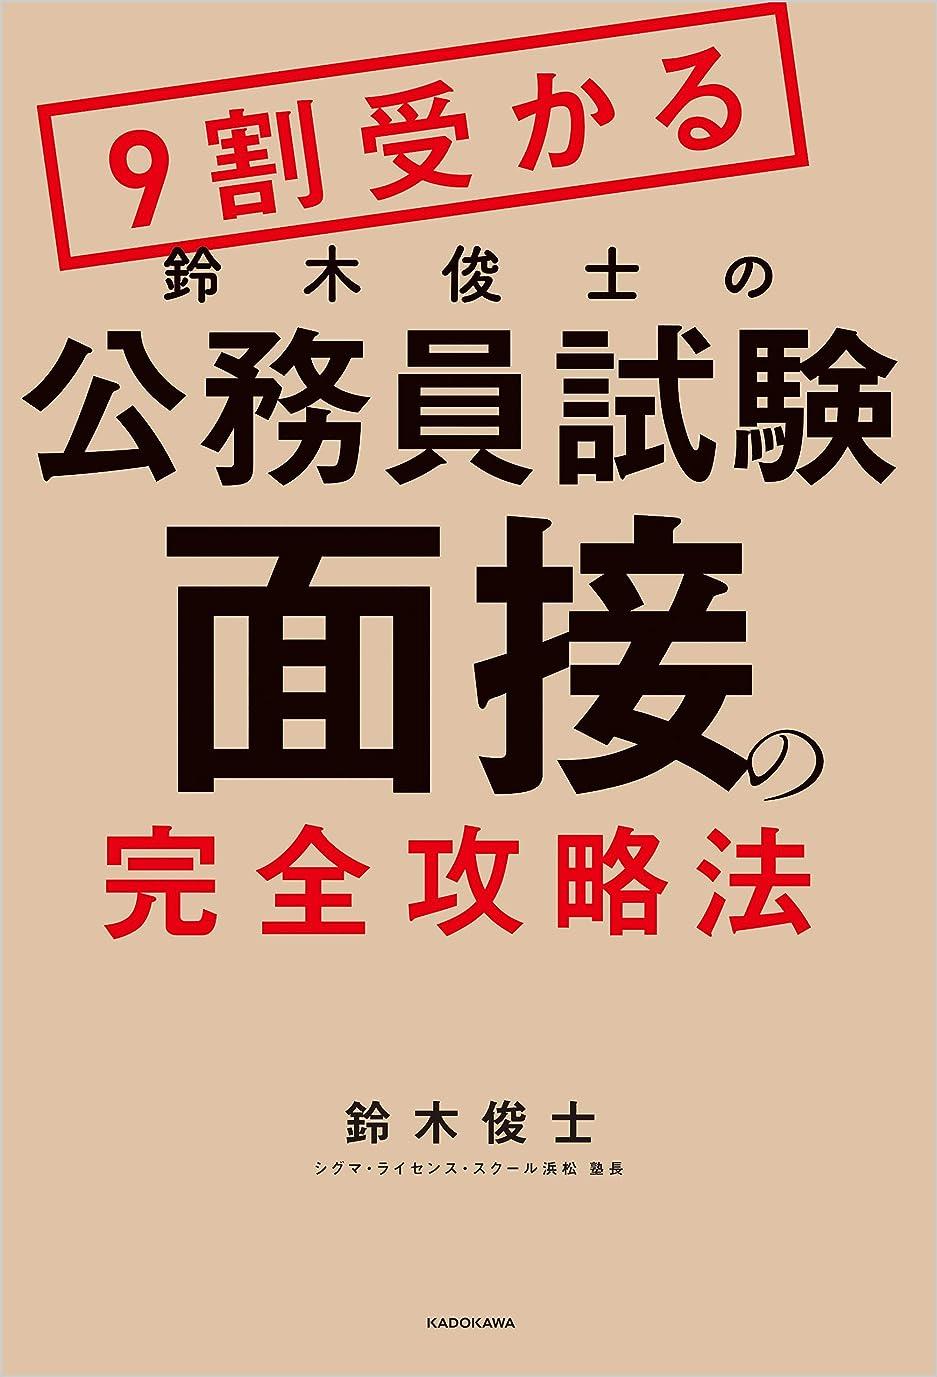 パニックうま外交官9割受かる鈴木俊士の公務員試験「面接」の完全攻略法